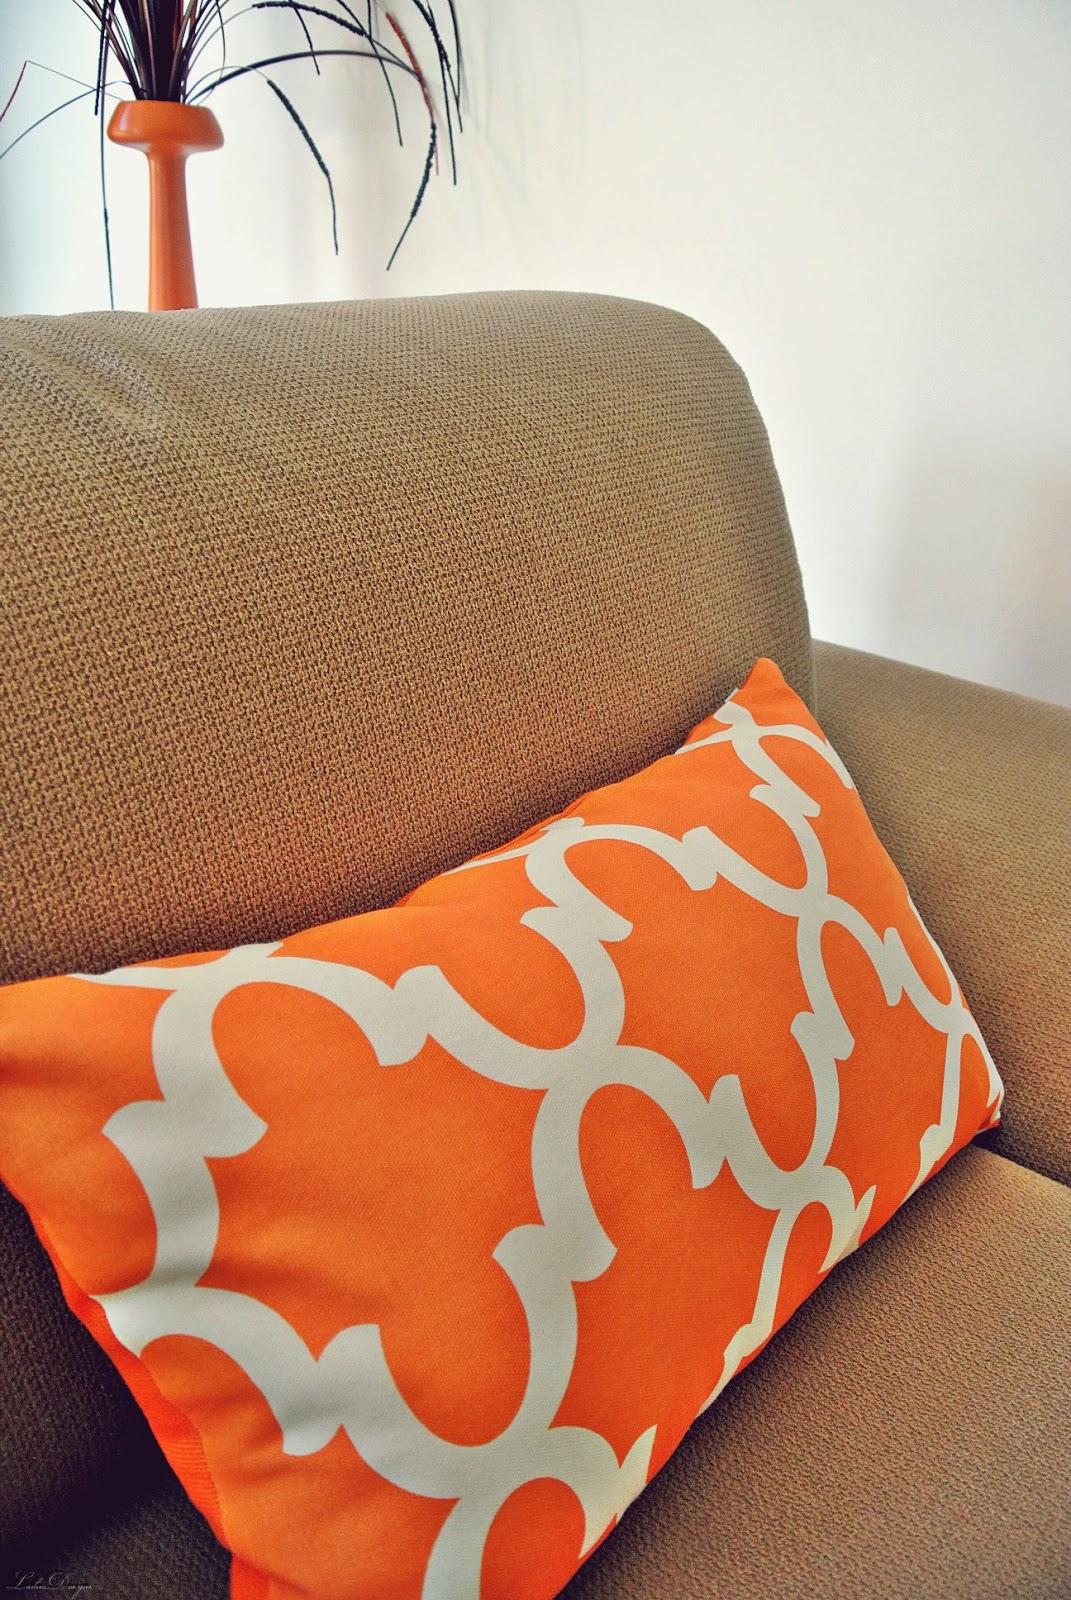 poduszka,pomarańcz,elegancki salon,poduszki,dekoracje na sofie,jakie poduszki